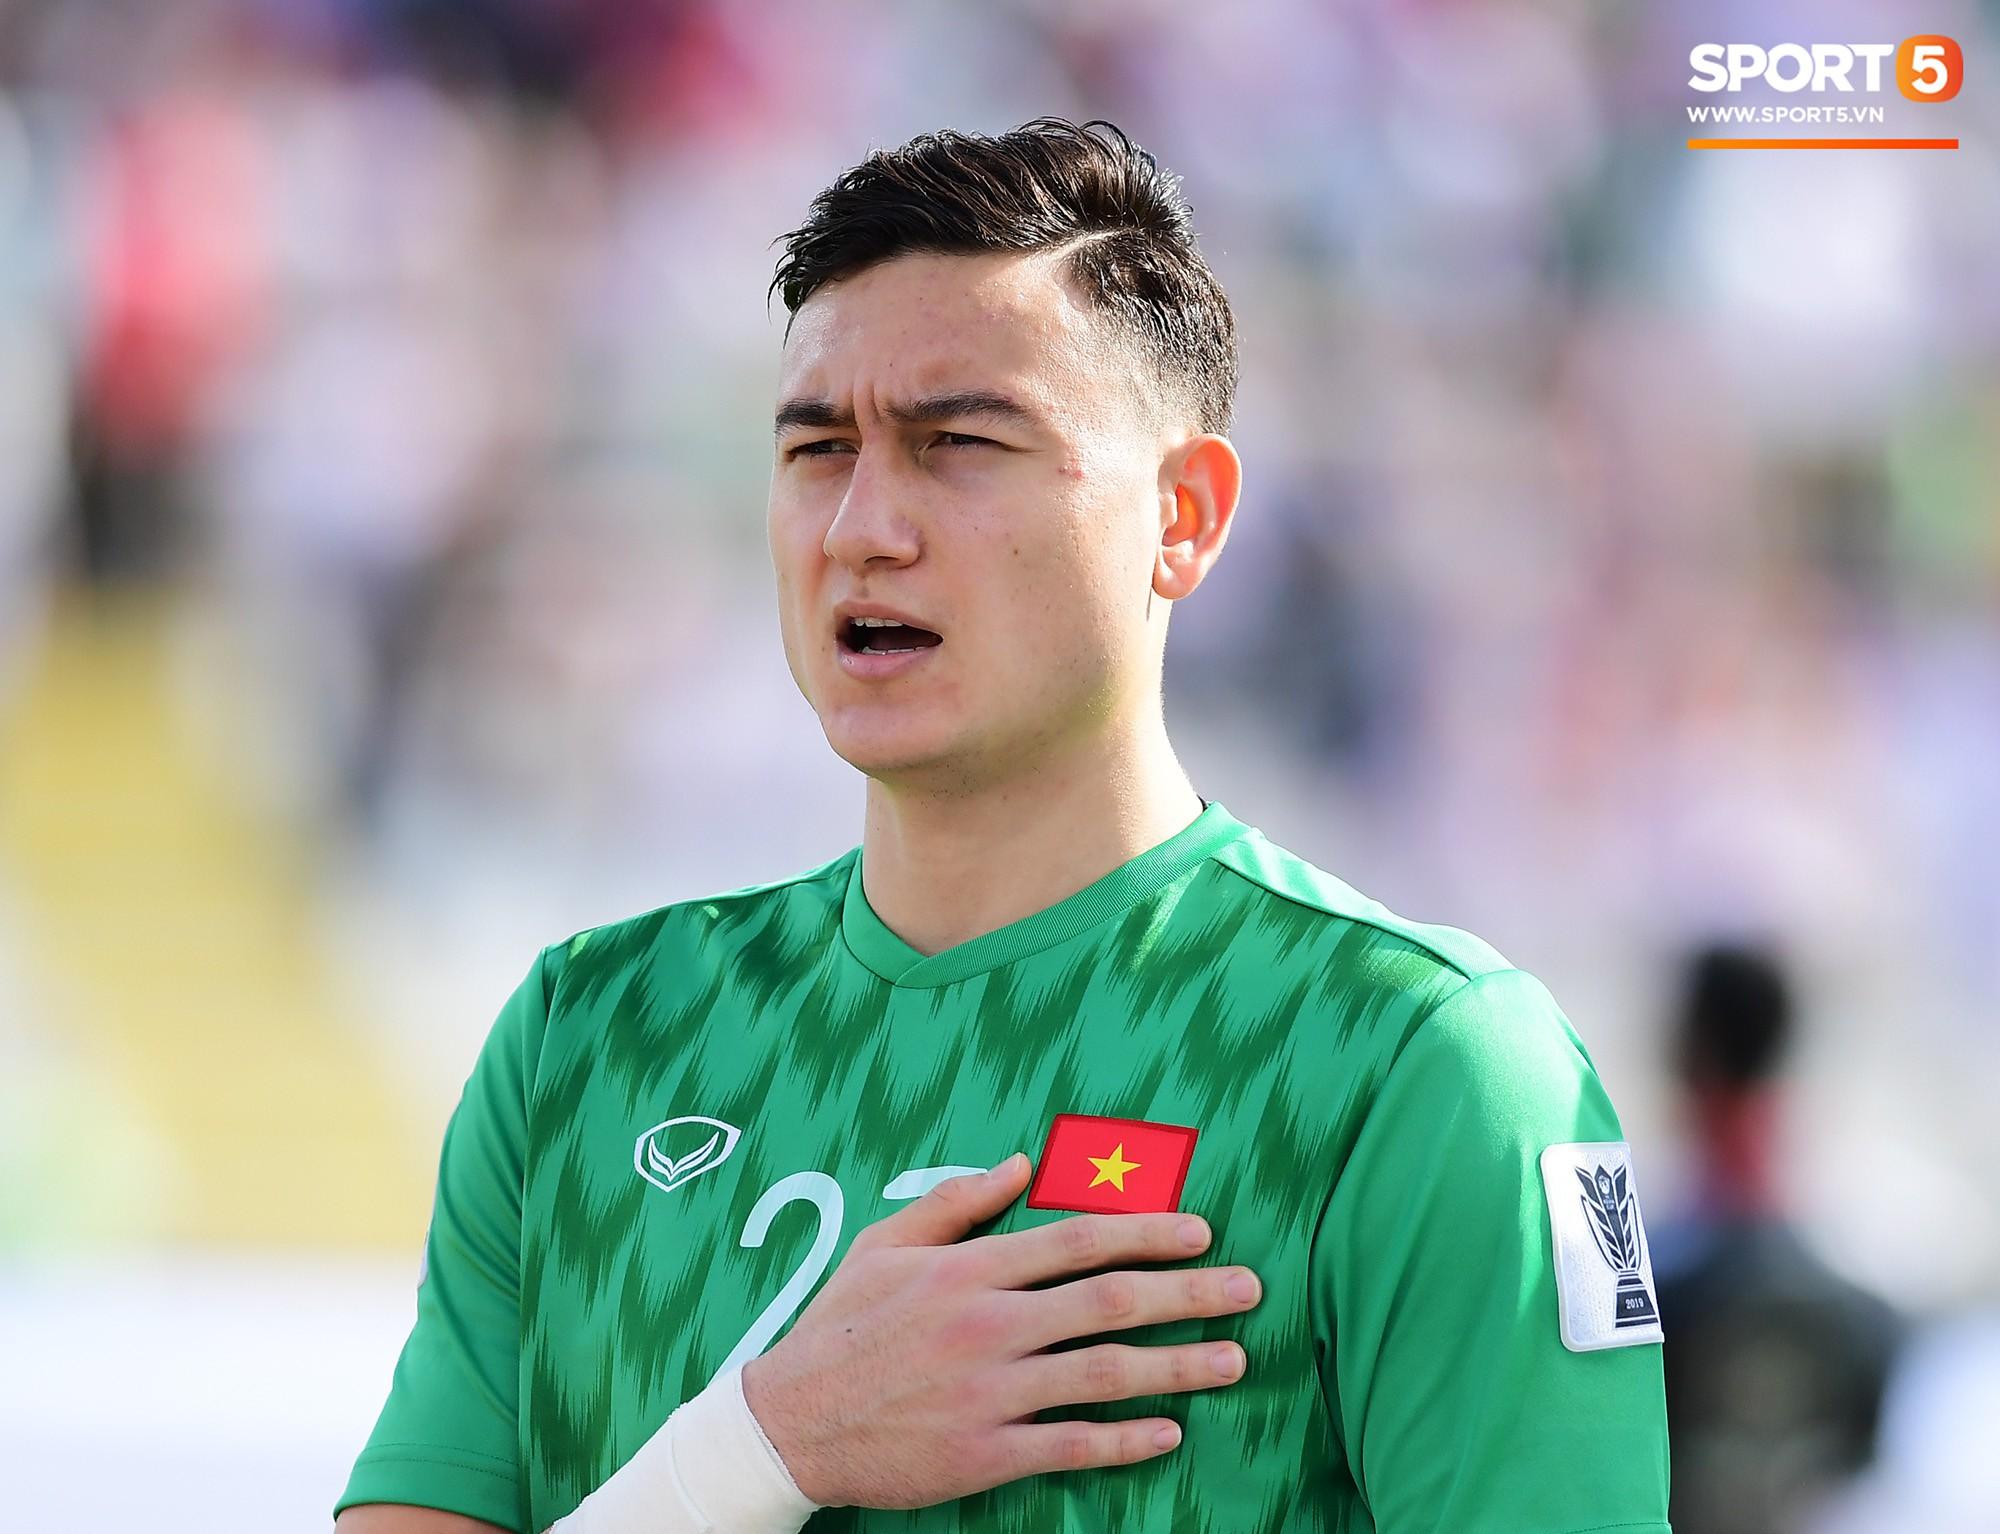 Văn Lâm suýt từ bỏ bóng đá trở thành quân nhân và ký ức thủng lưới 13 bàn một trận - Ảnh 3.